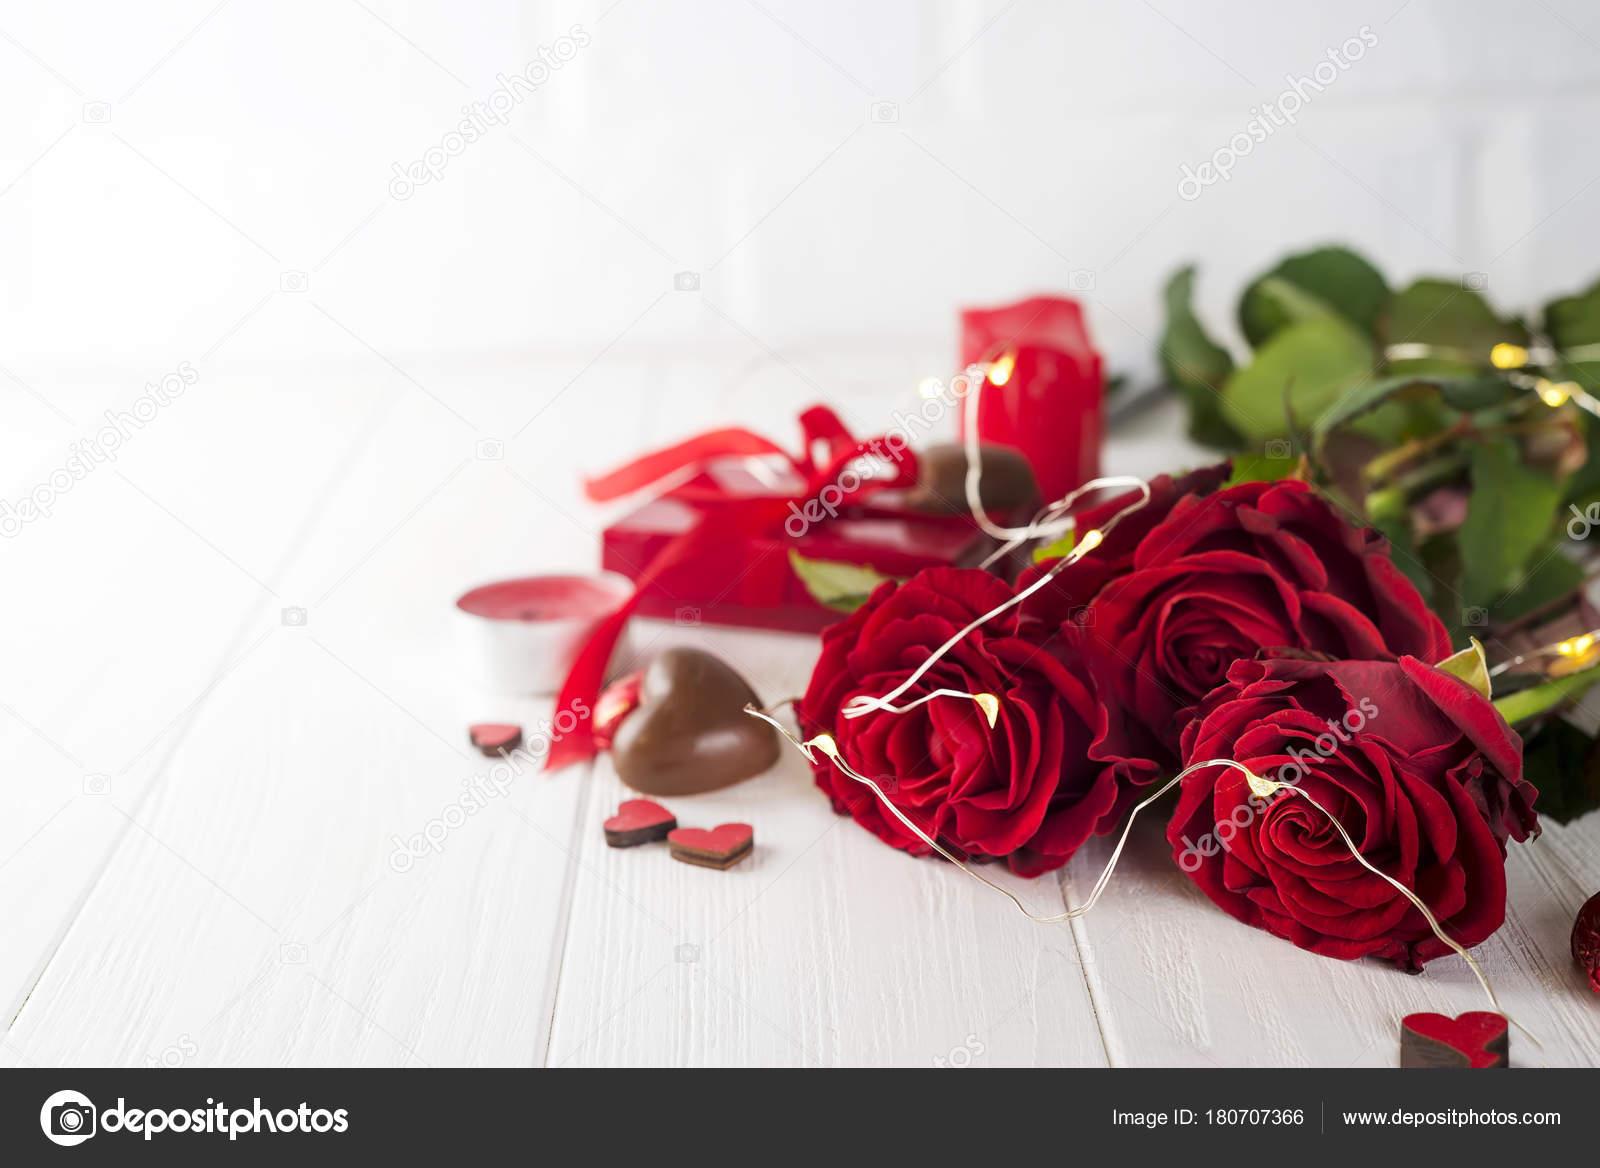 Rote Rosen Und Pralinen Zum Valentinstag Stockfoto C Lyulka 86